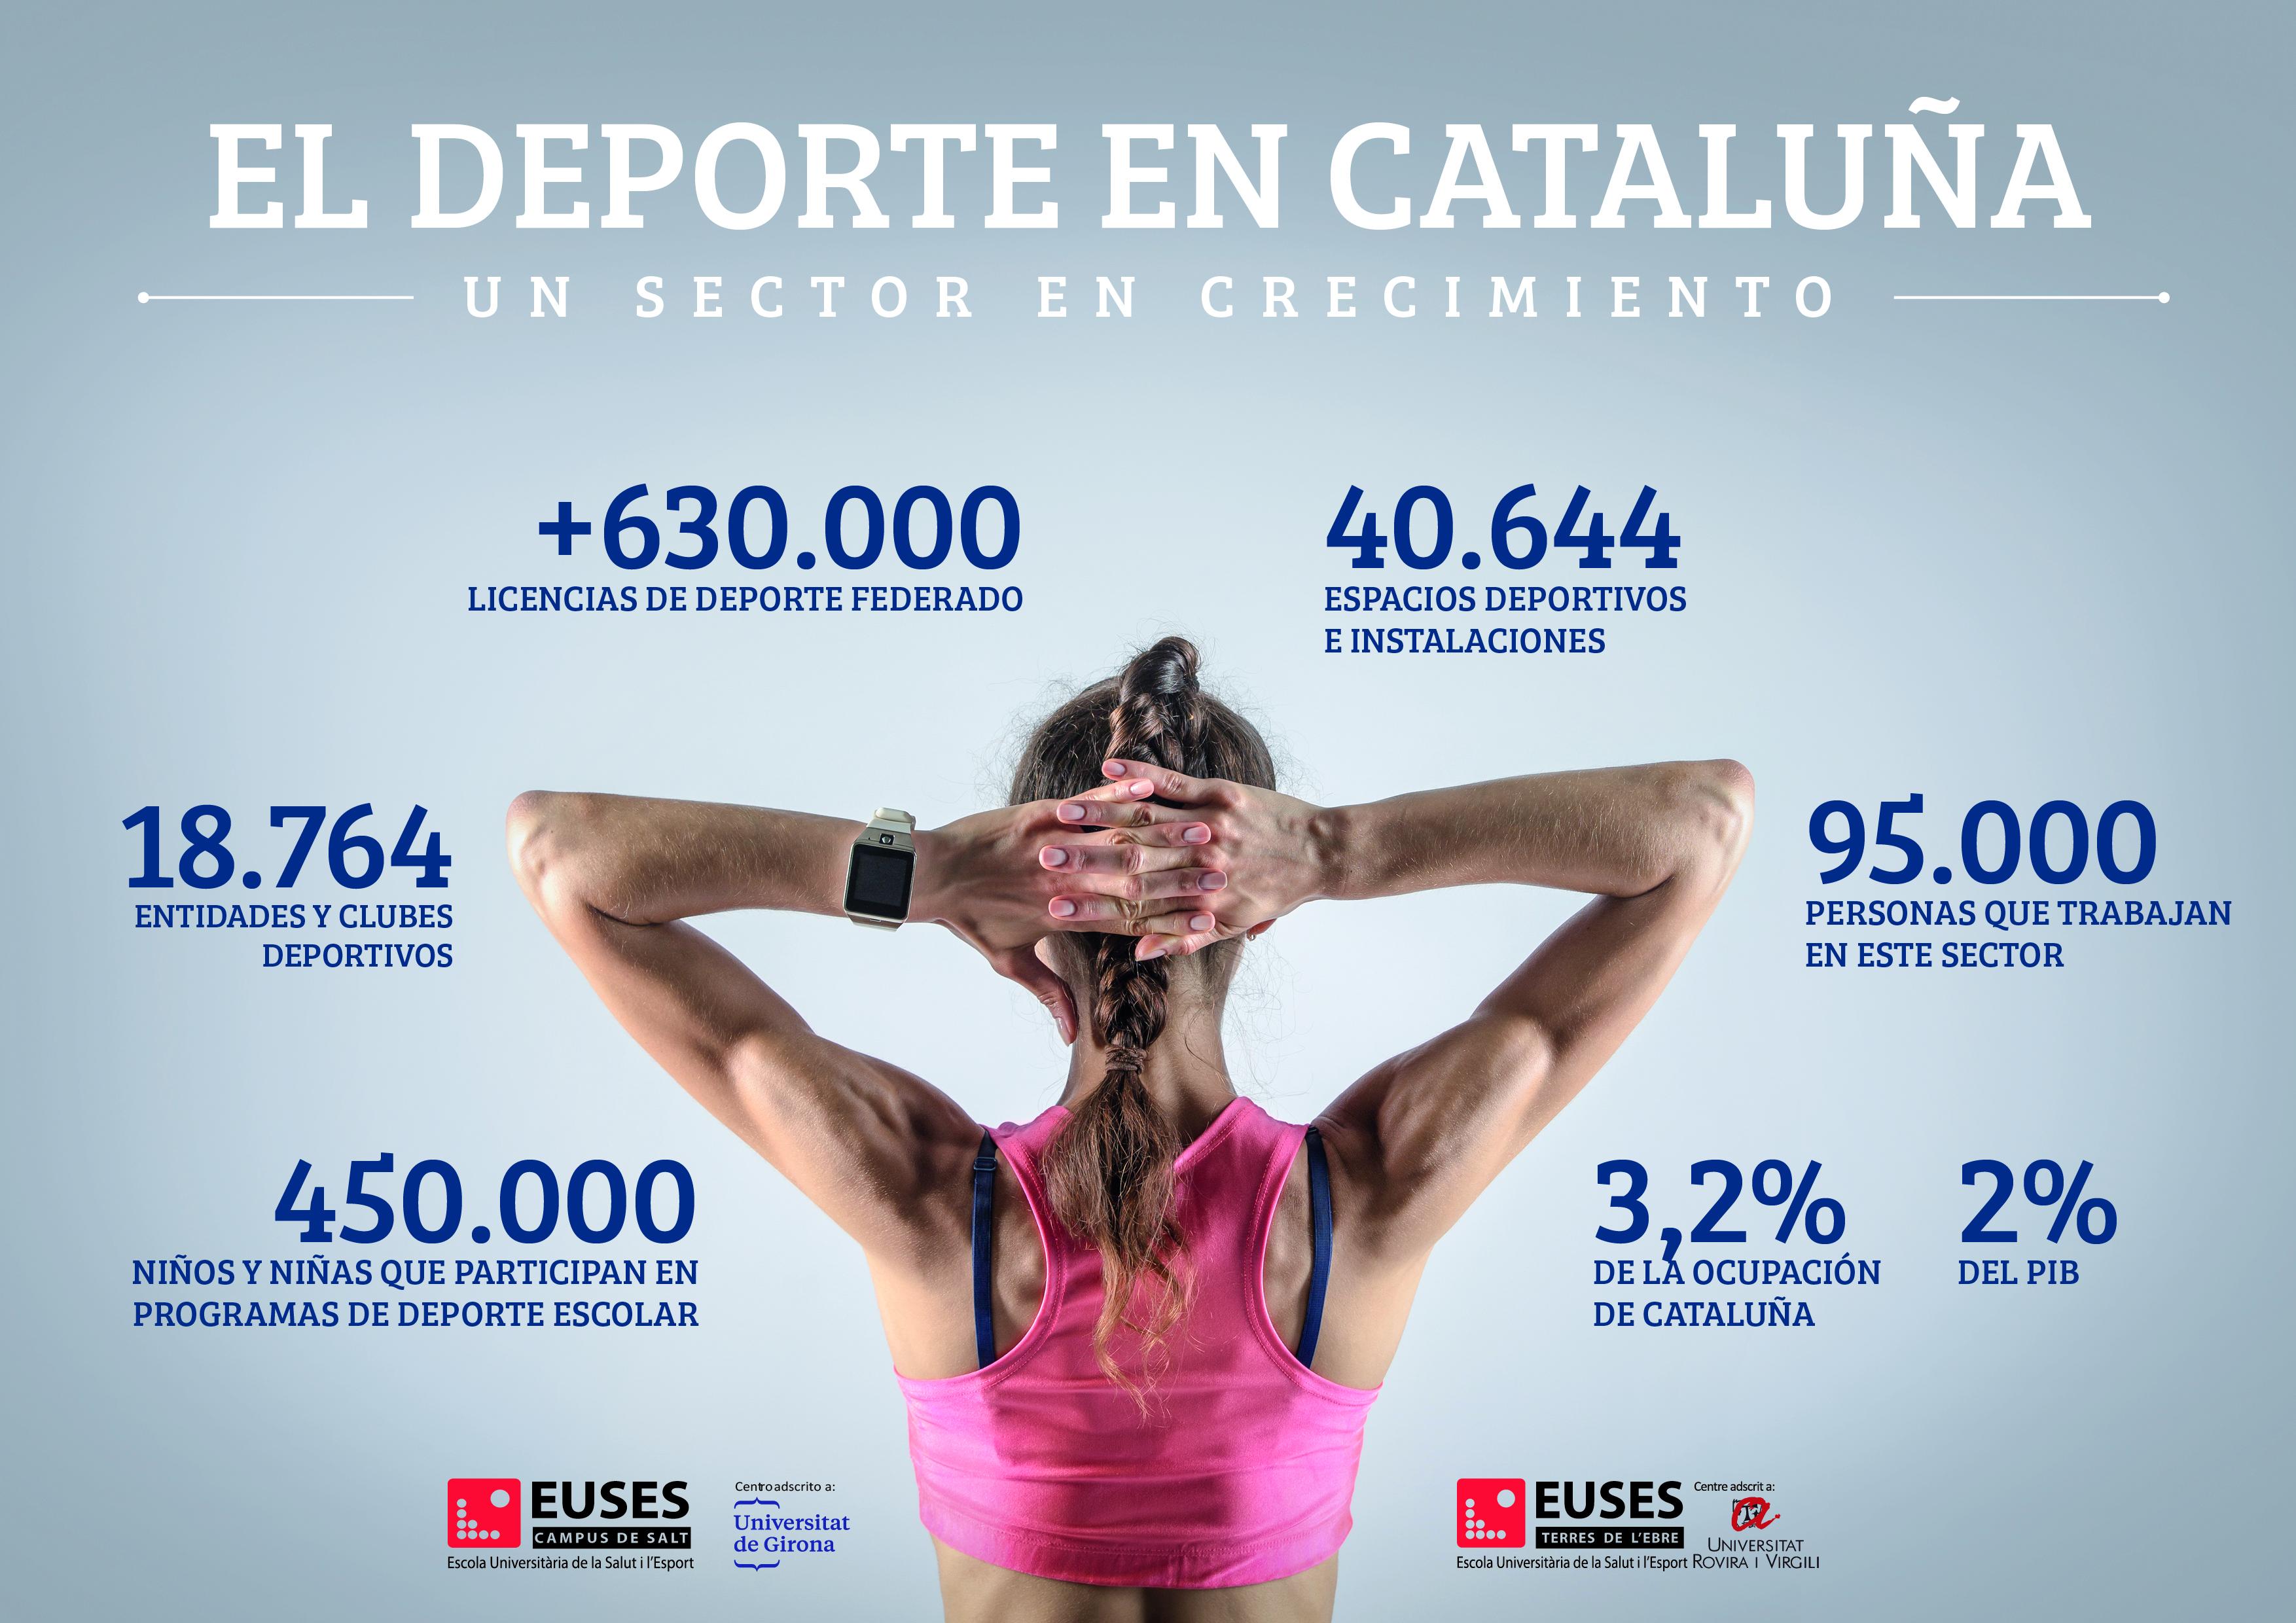 El deporte en Cataluña: un sector en crecimiento